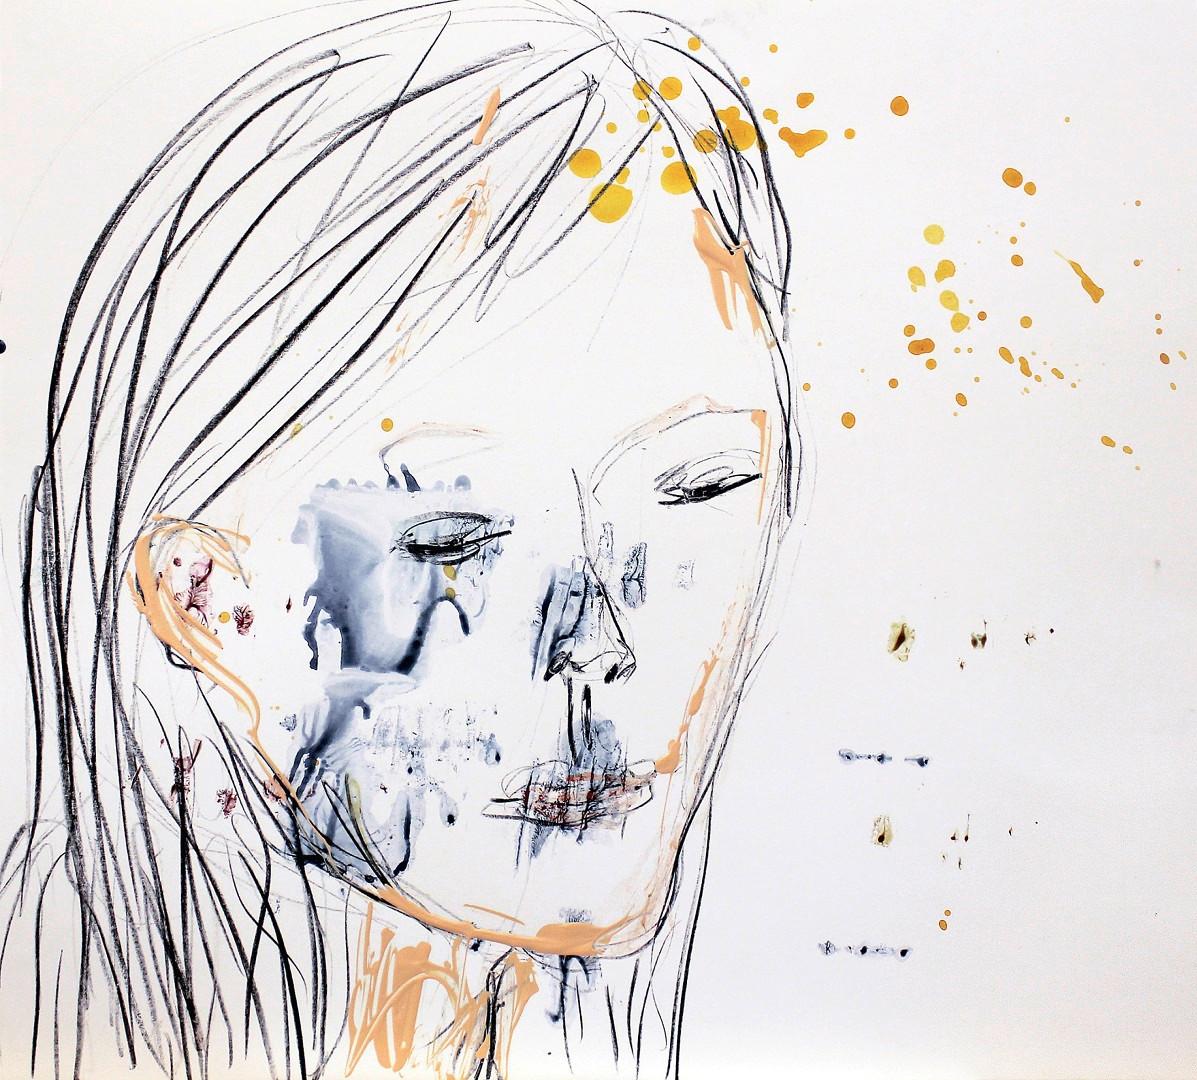 Graphit und Acryl auf Karton. 50x50 cm  2014, © Christa Redik